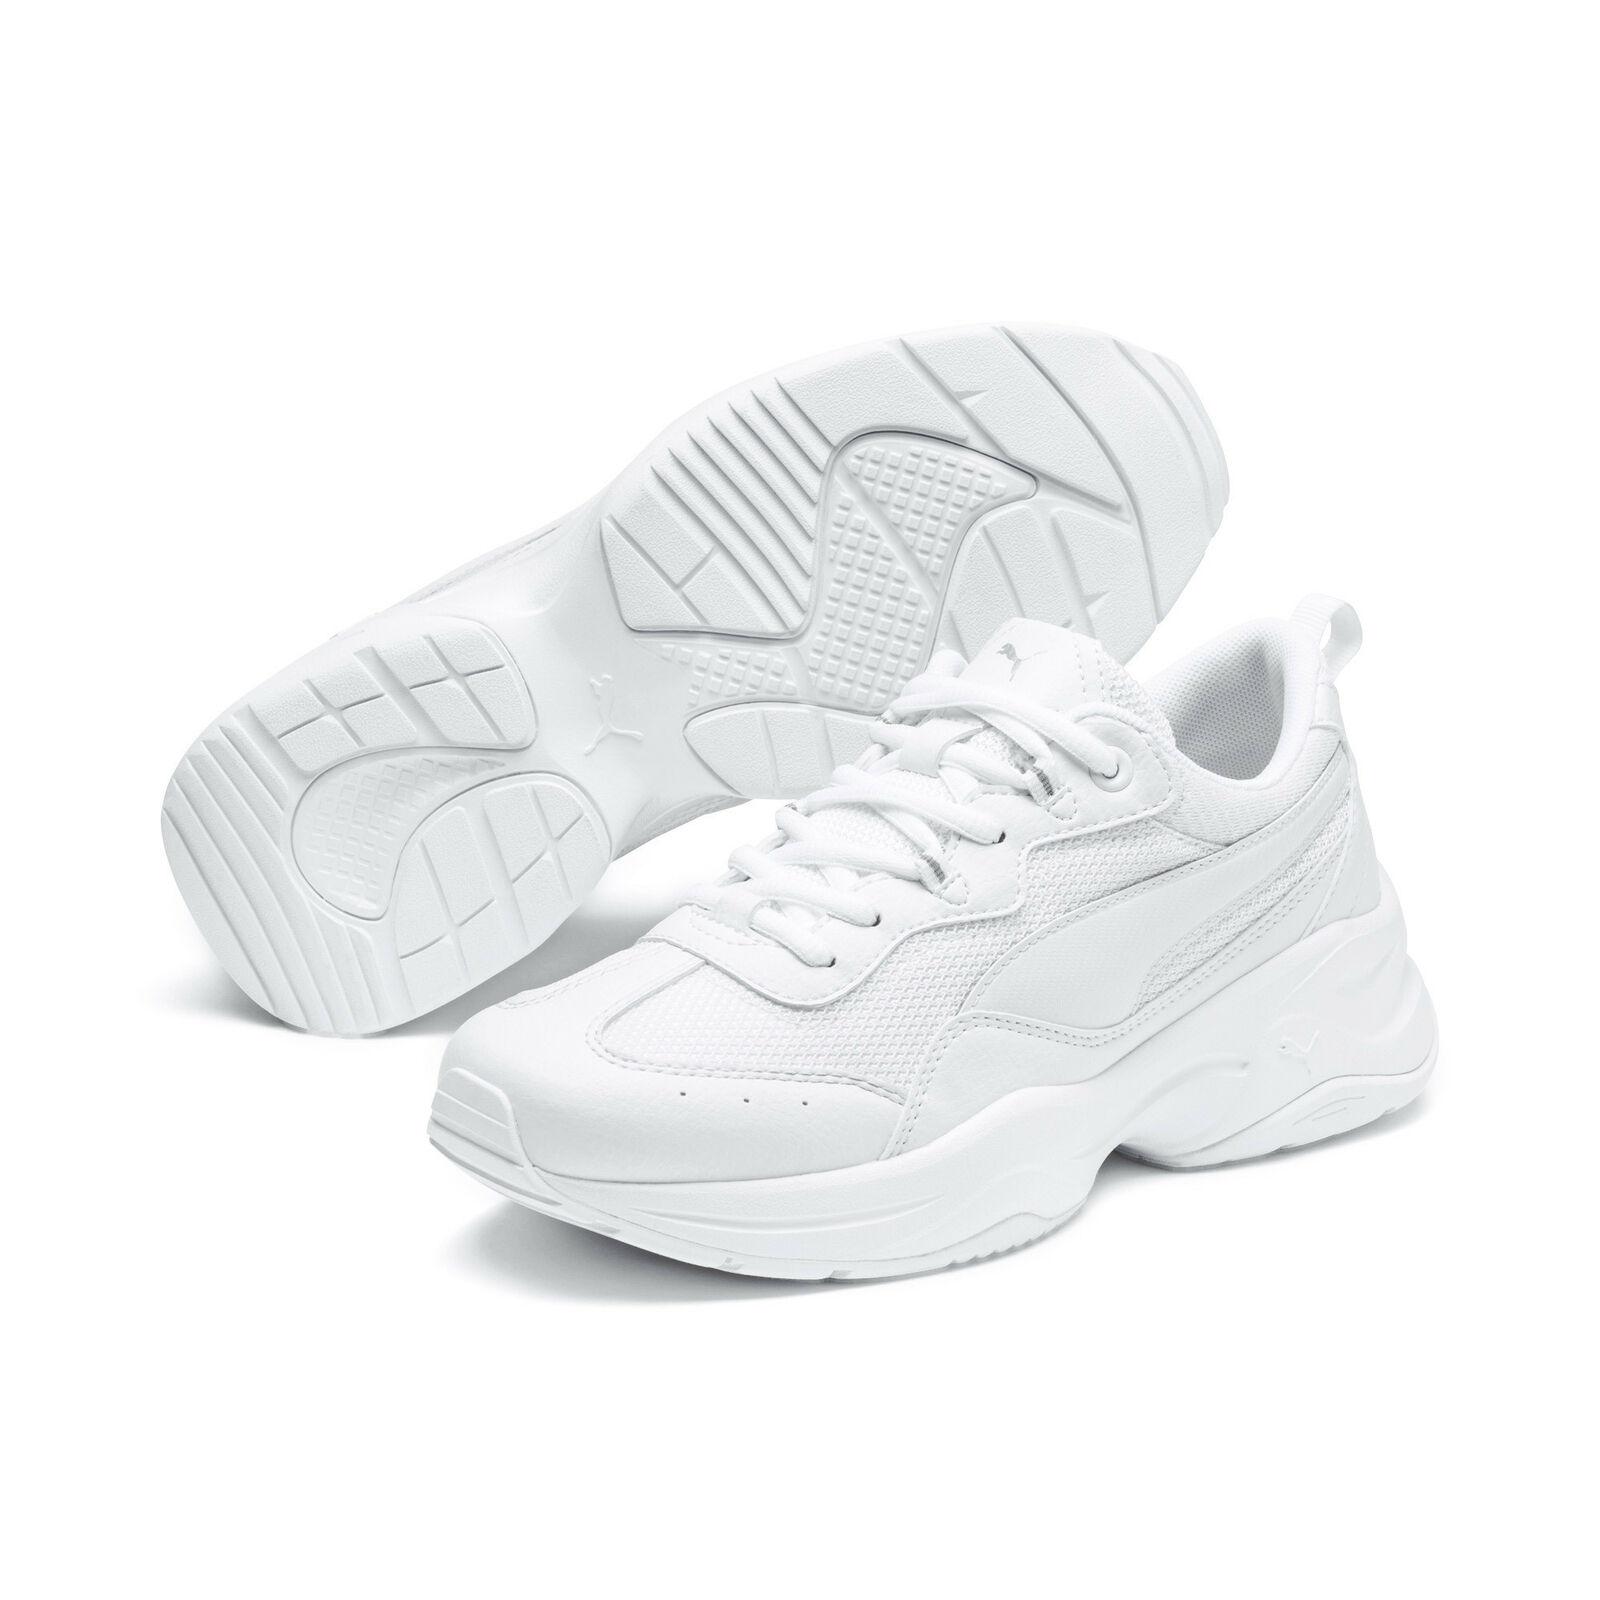 PUMA Cilia Women's Sneakers Women Shoe Basics